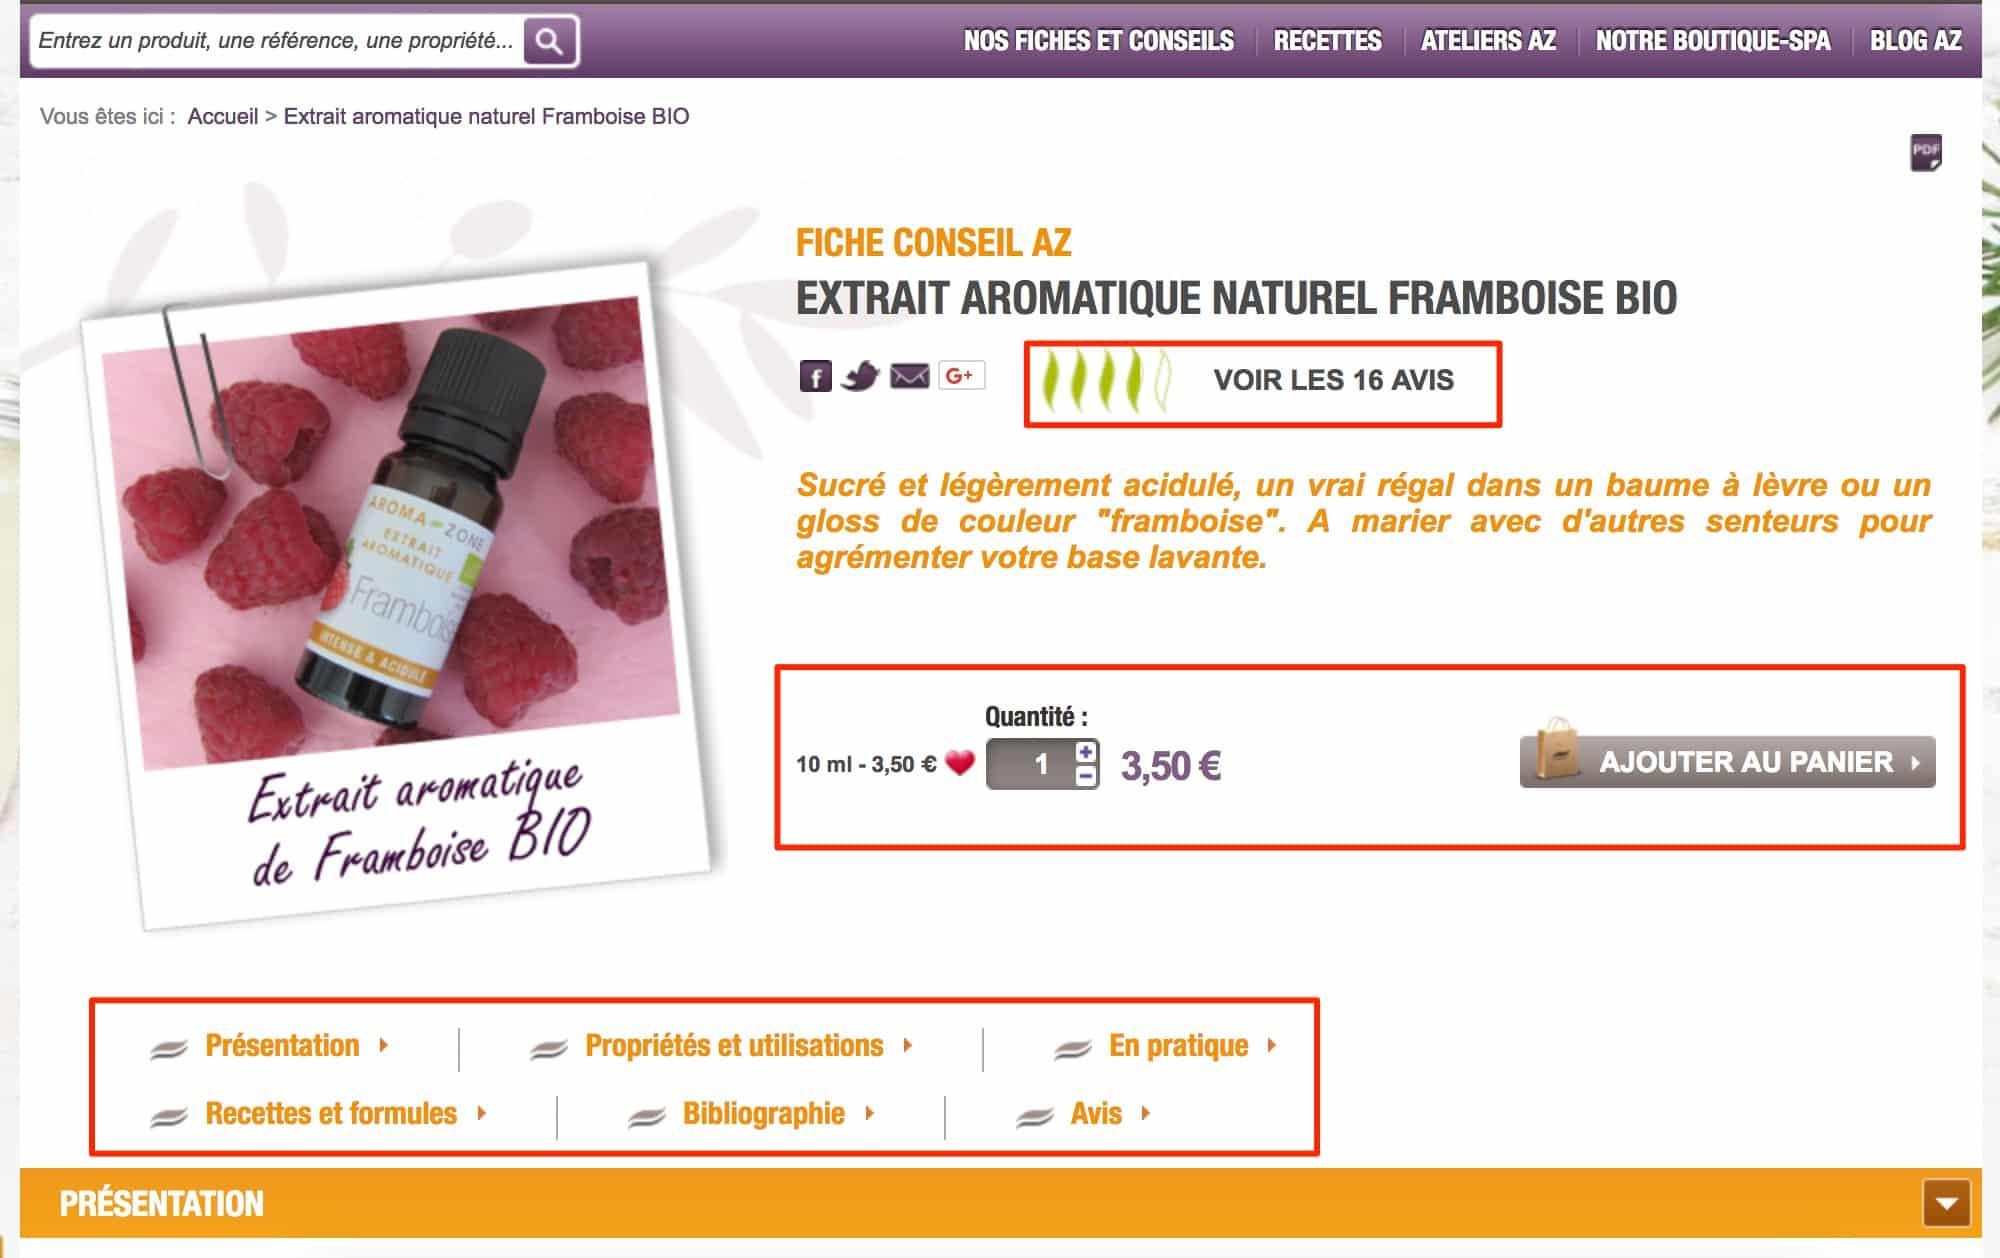 Un exemple de page produit optimisée pour le référencement naturel